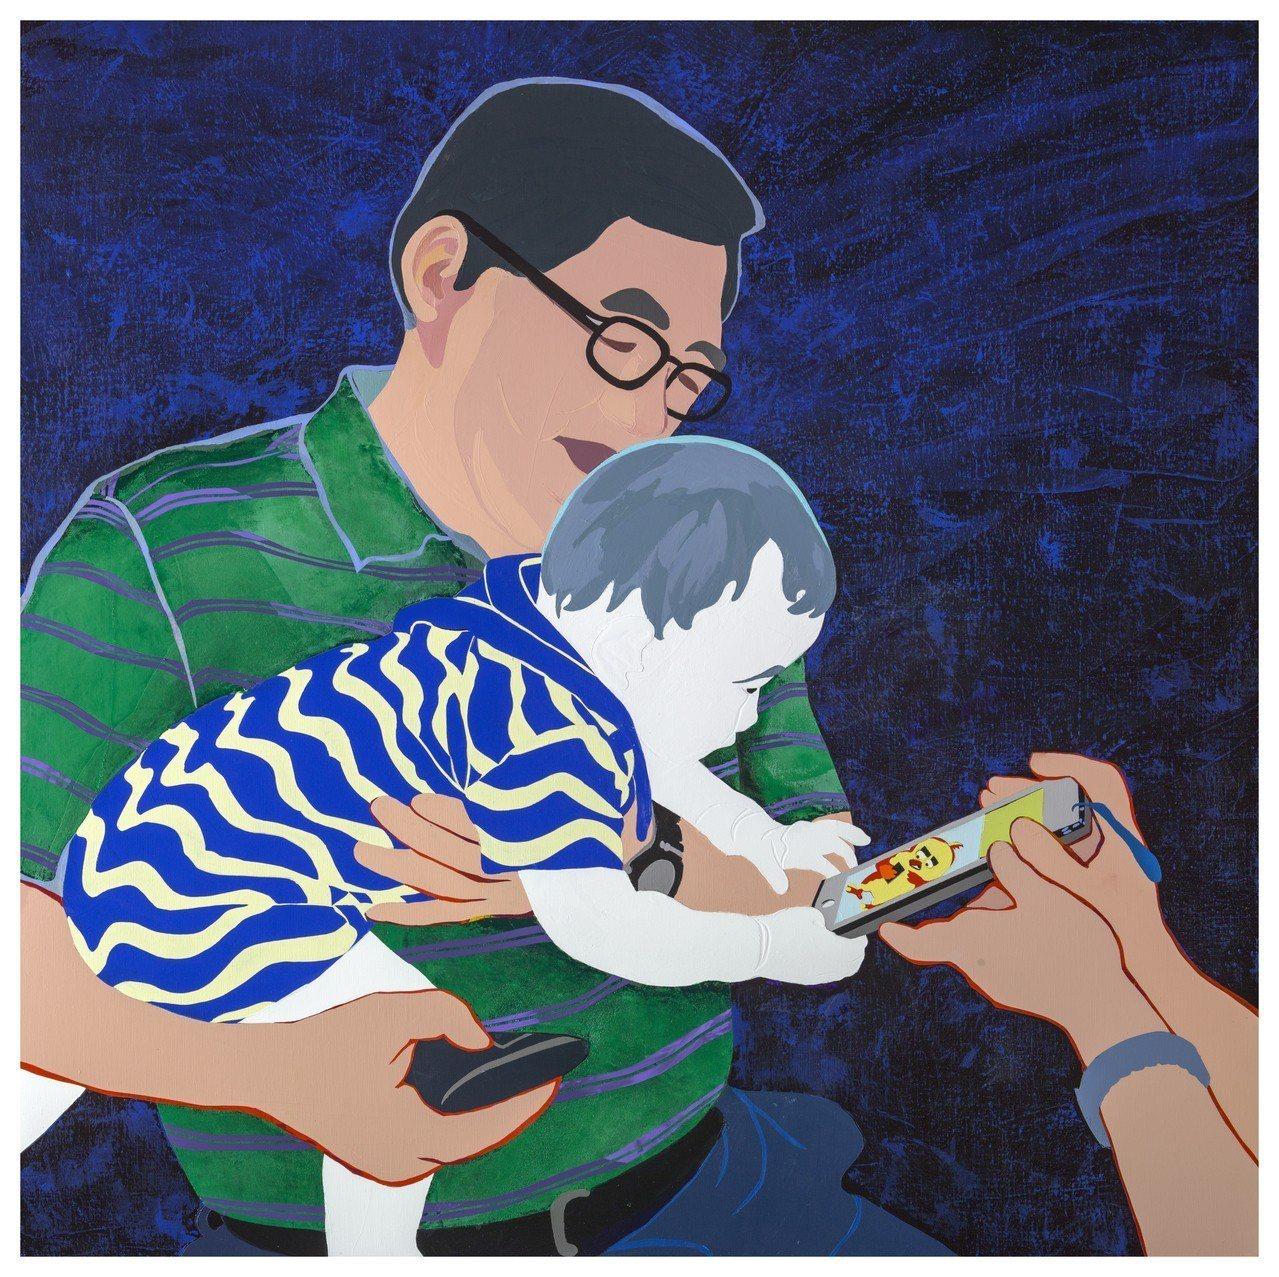 抱在爸爸手裡的娃娃,看到發出亮光的手機,馬上被吸引。這是林桂華「再訪虛擬之窗」畫...